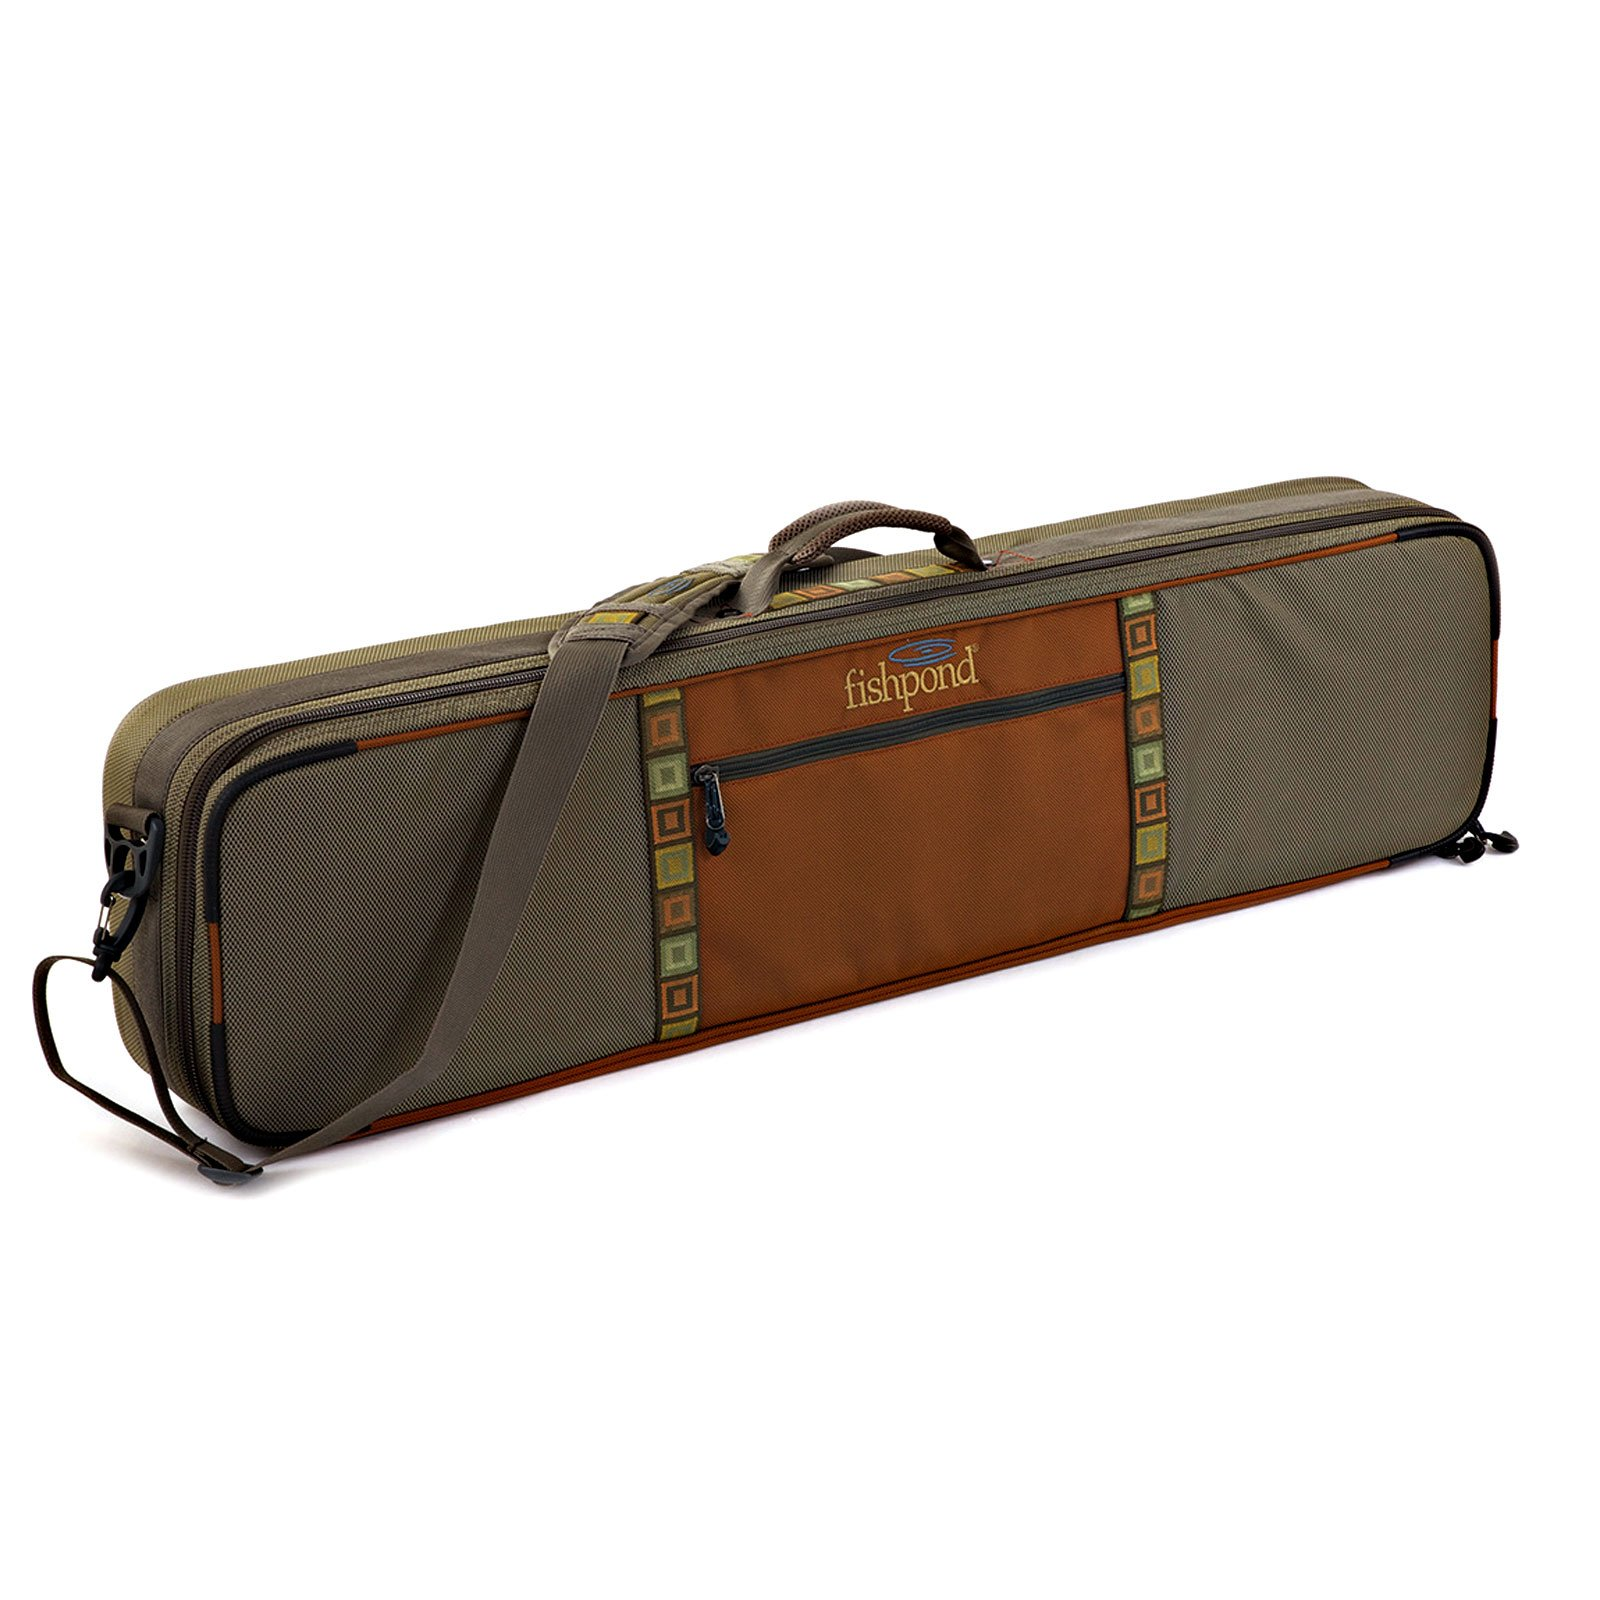 Fishpond Dakota Carry-On Rod & Reel Case by FishPond